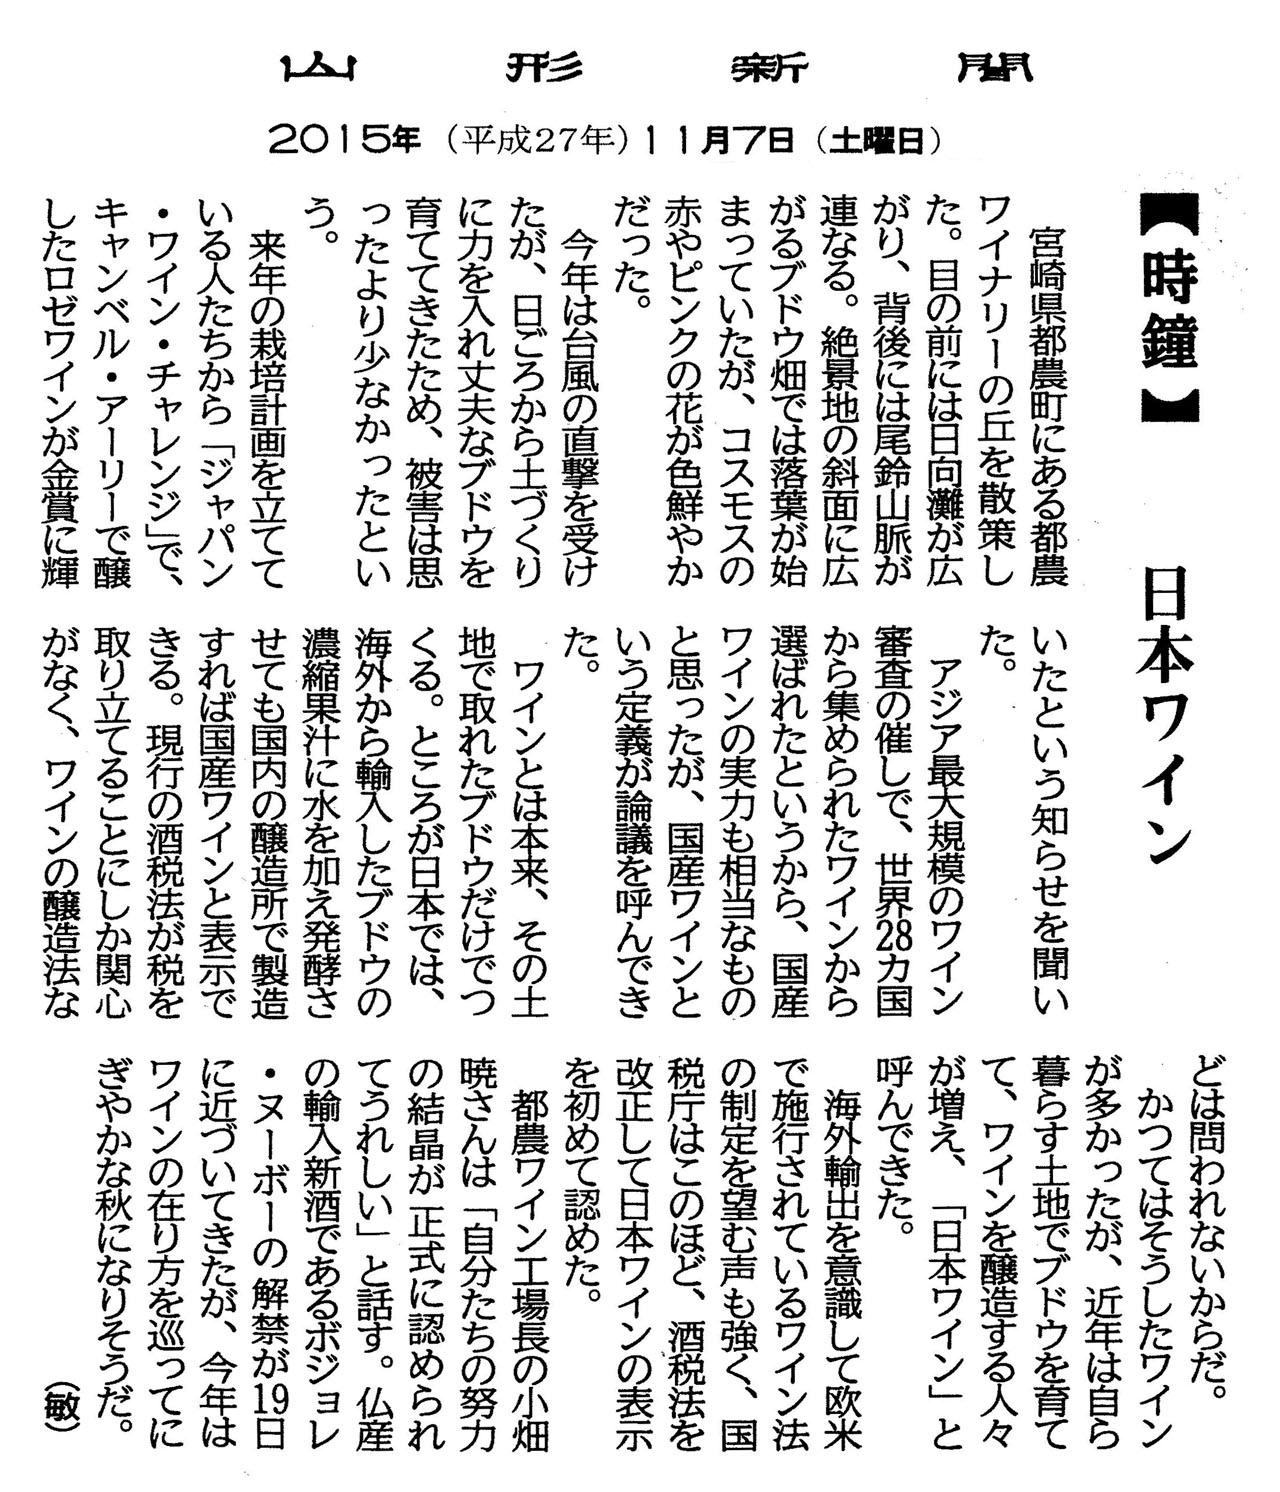 2015.11.7 山形新聞-s